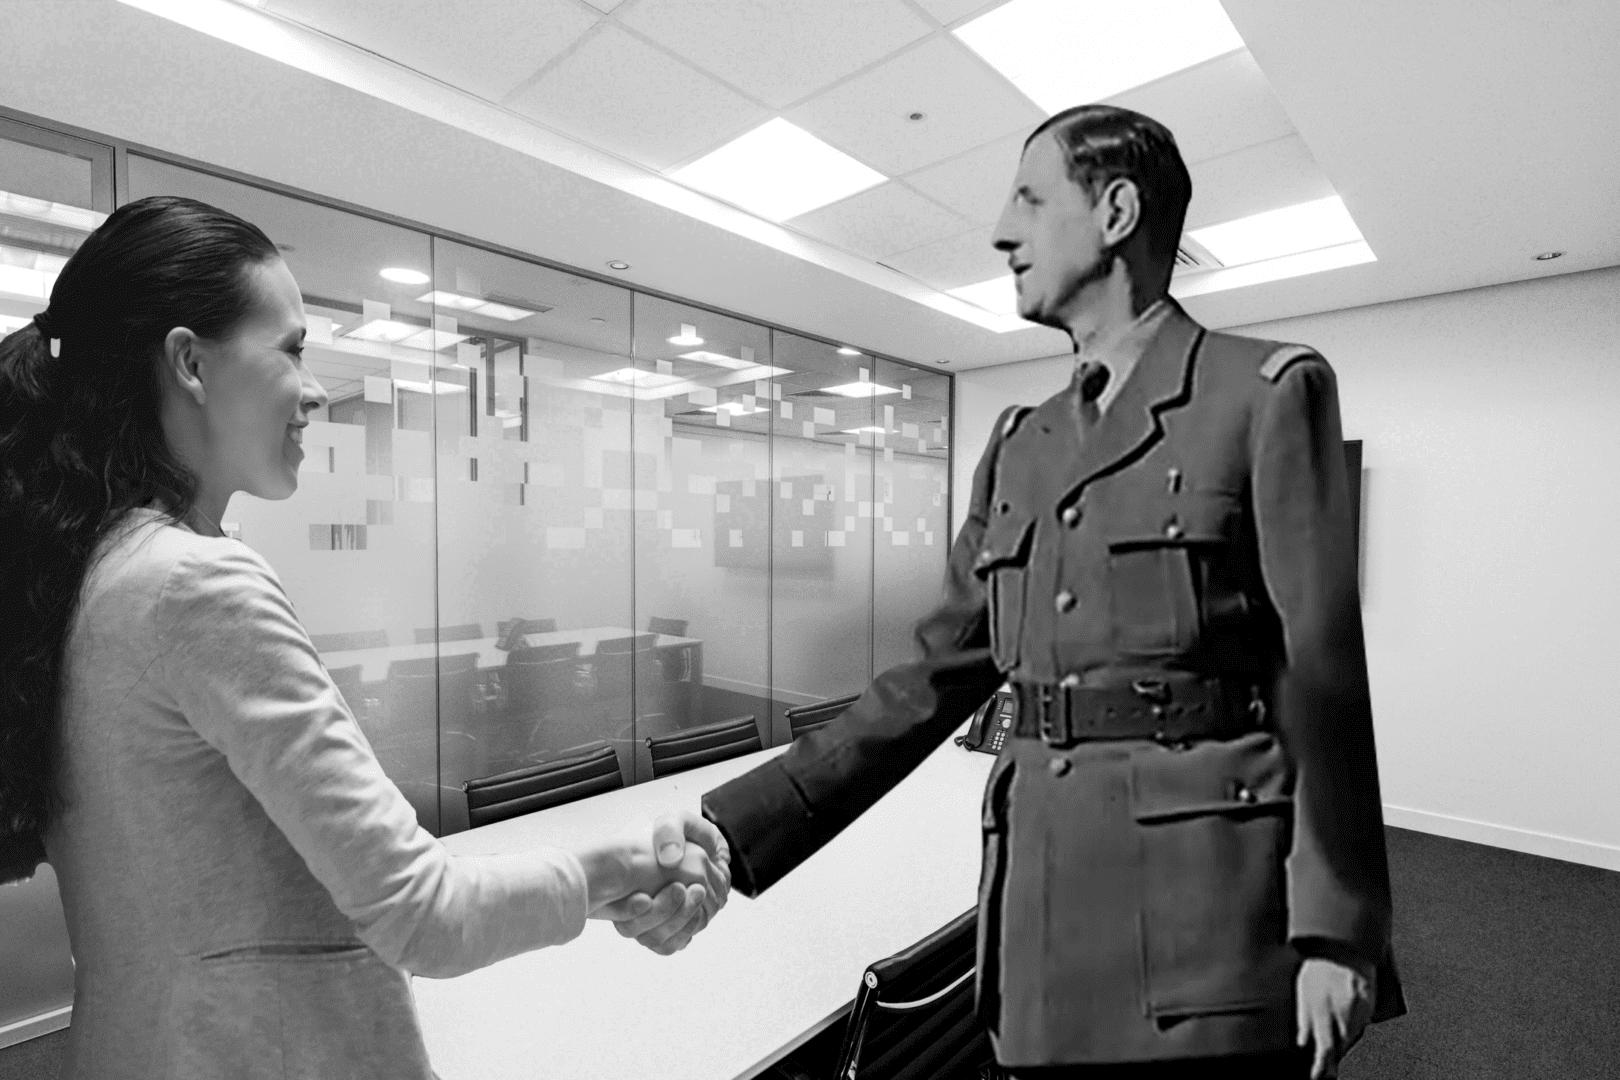 de Gaulle serre la main à une femme dans un bureau